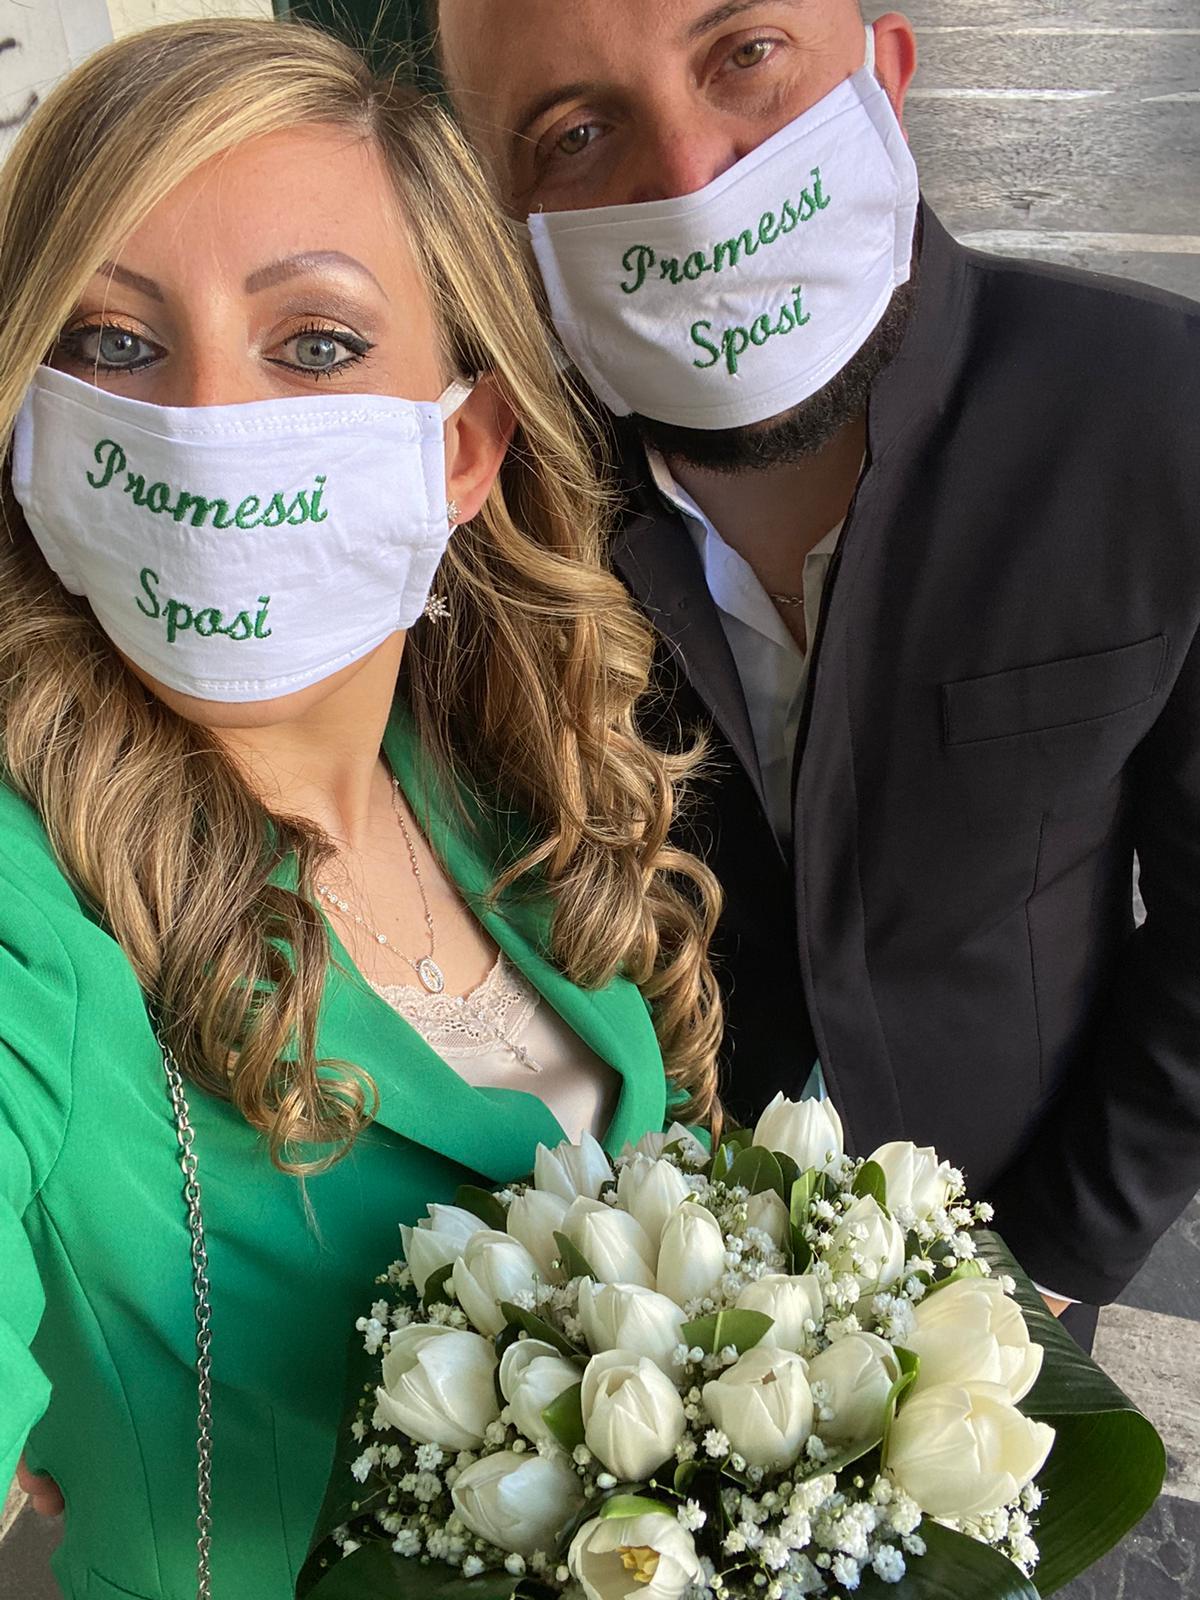 Mascherine e Covid non ci fermano, promessi sposi, floriana e domenico, promessi sposi covid-19, aversa, futuri sposi luglio 2020, wedding campania, matrimonio campania, sposincampania, sposi campania, sposi covid-19, sposi coronavirus